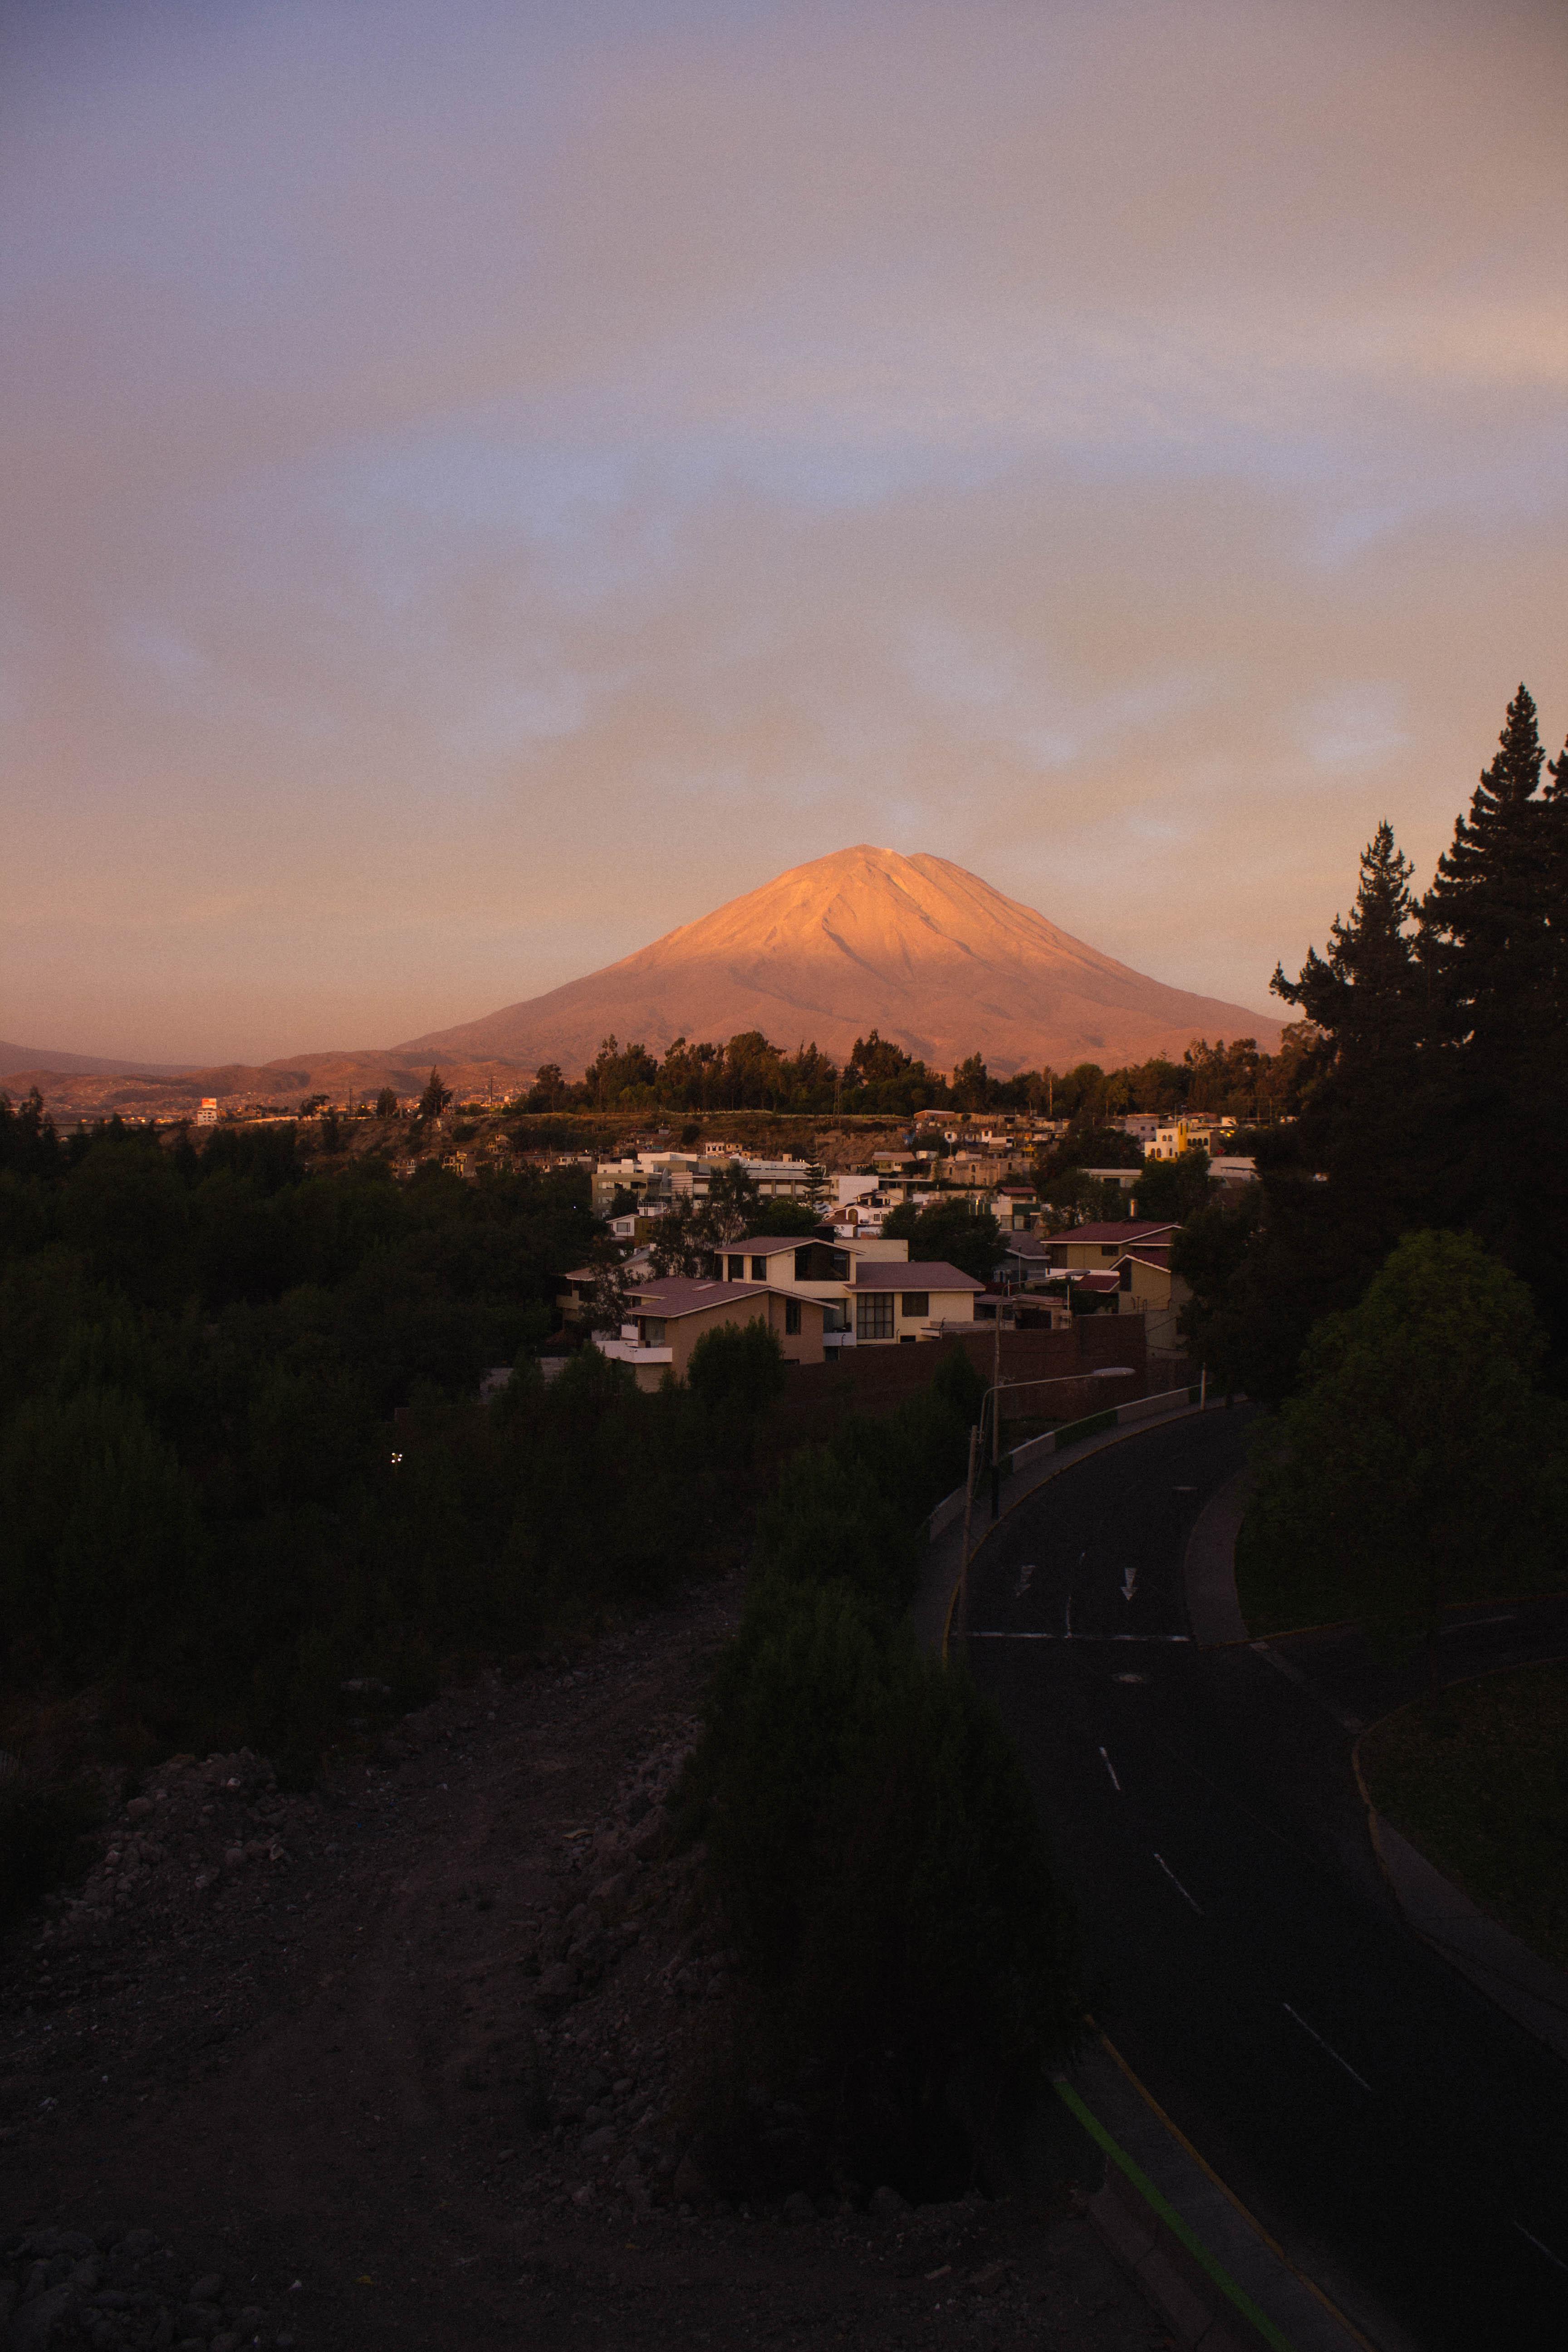 Mount Misti